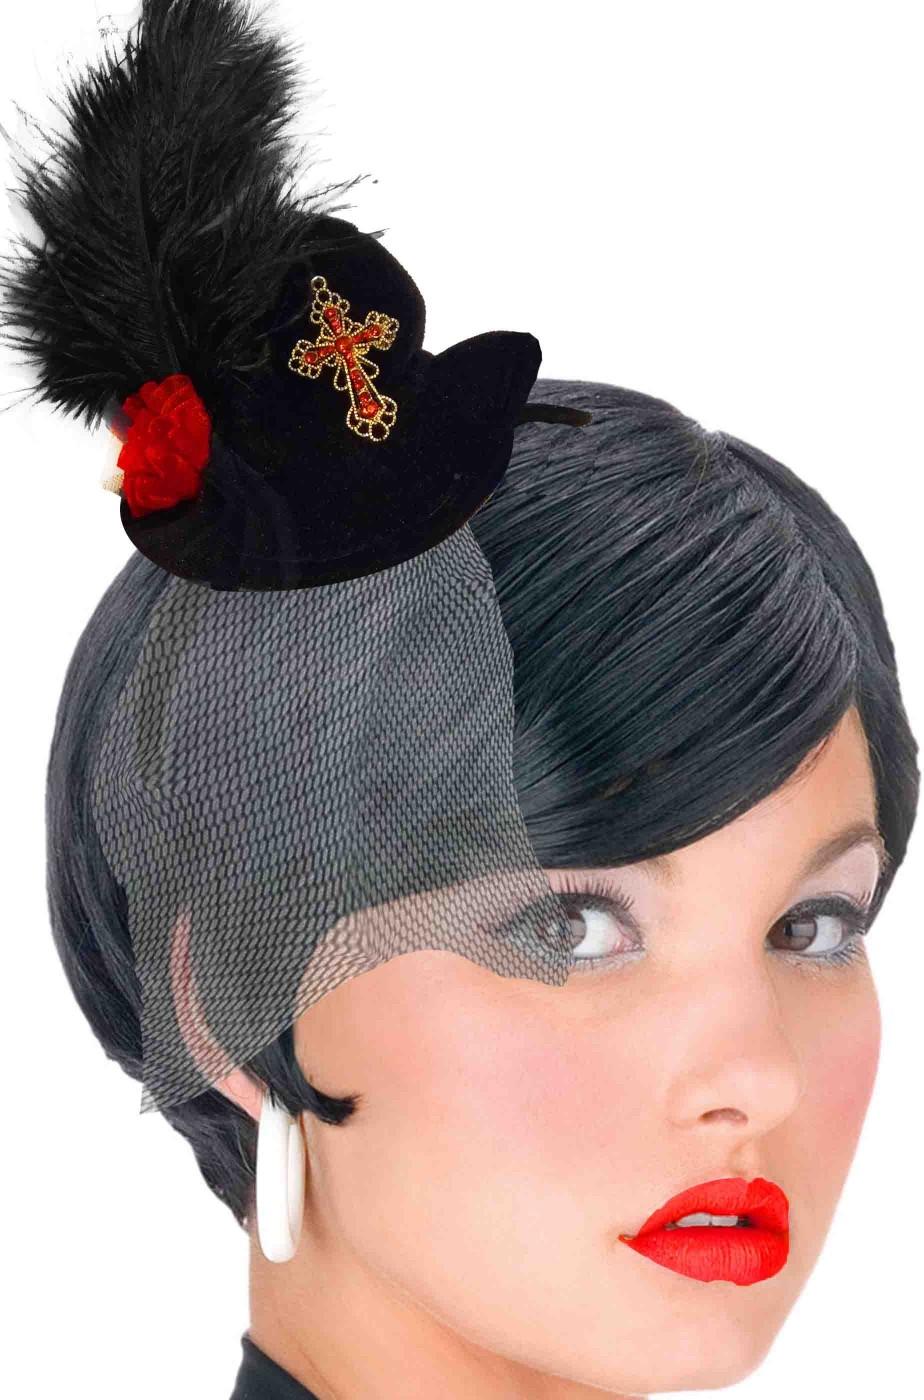 Cappello a cilindro nero cappellino da vampira burlesque su cerchietto